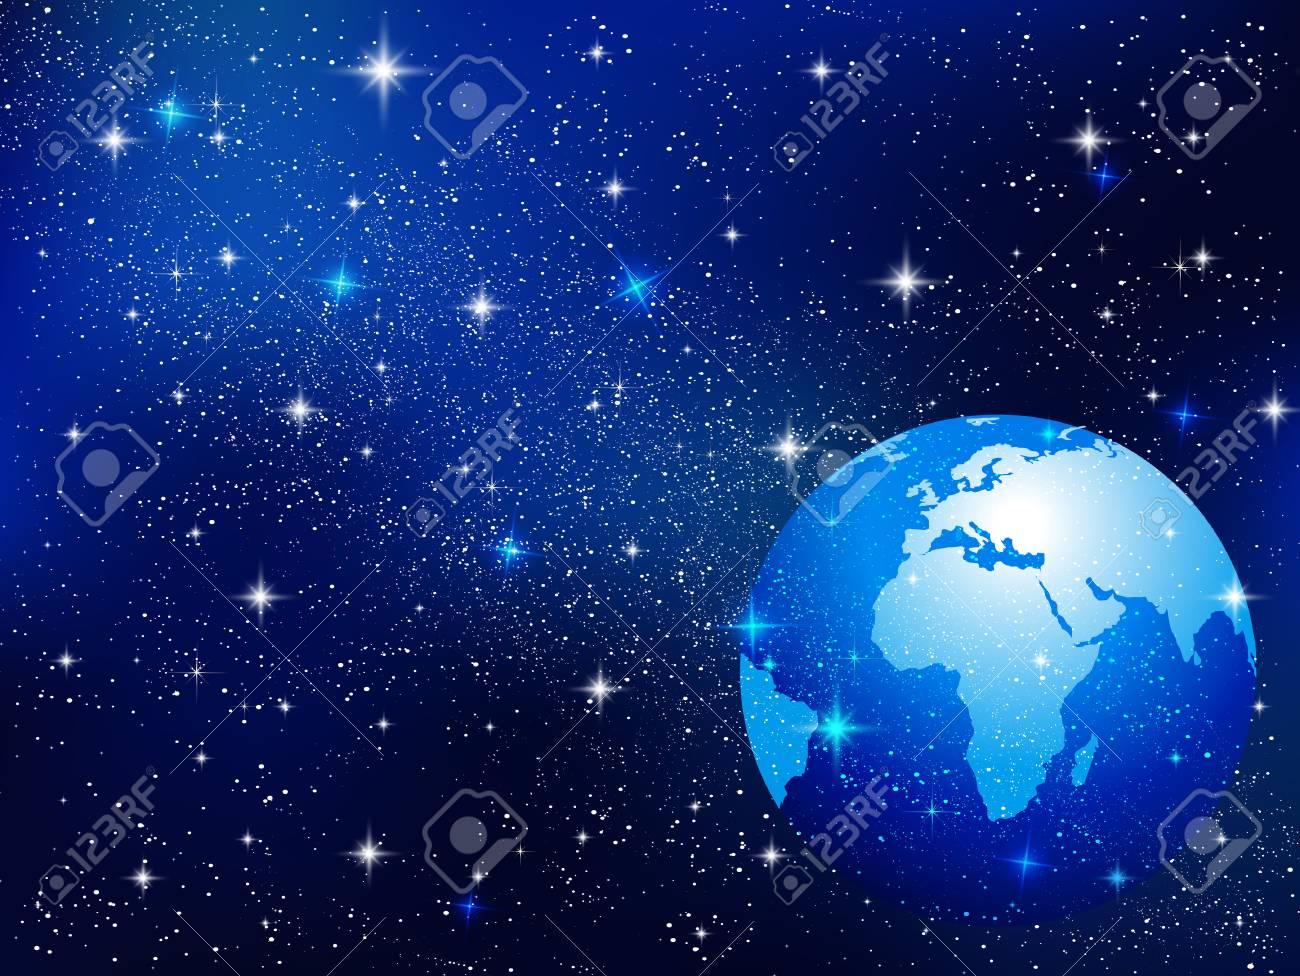 地球と宇宙の背景のイラスト素材 ベクタ Image 38105133